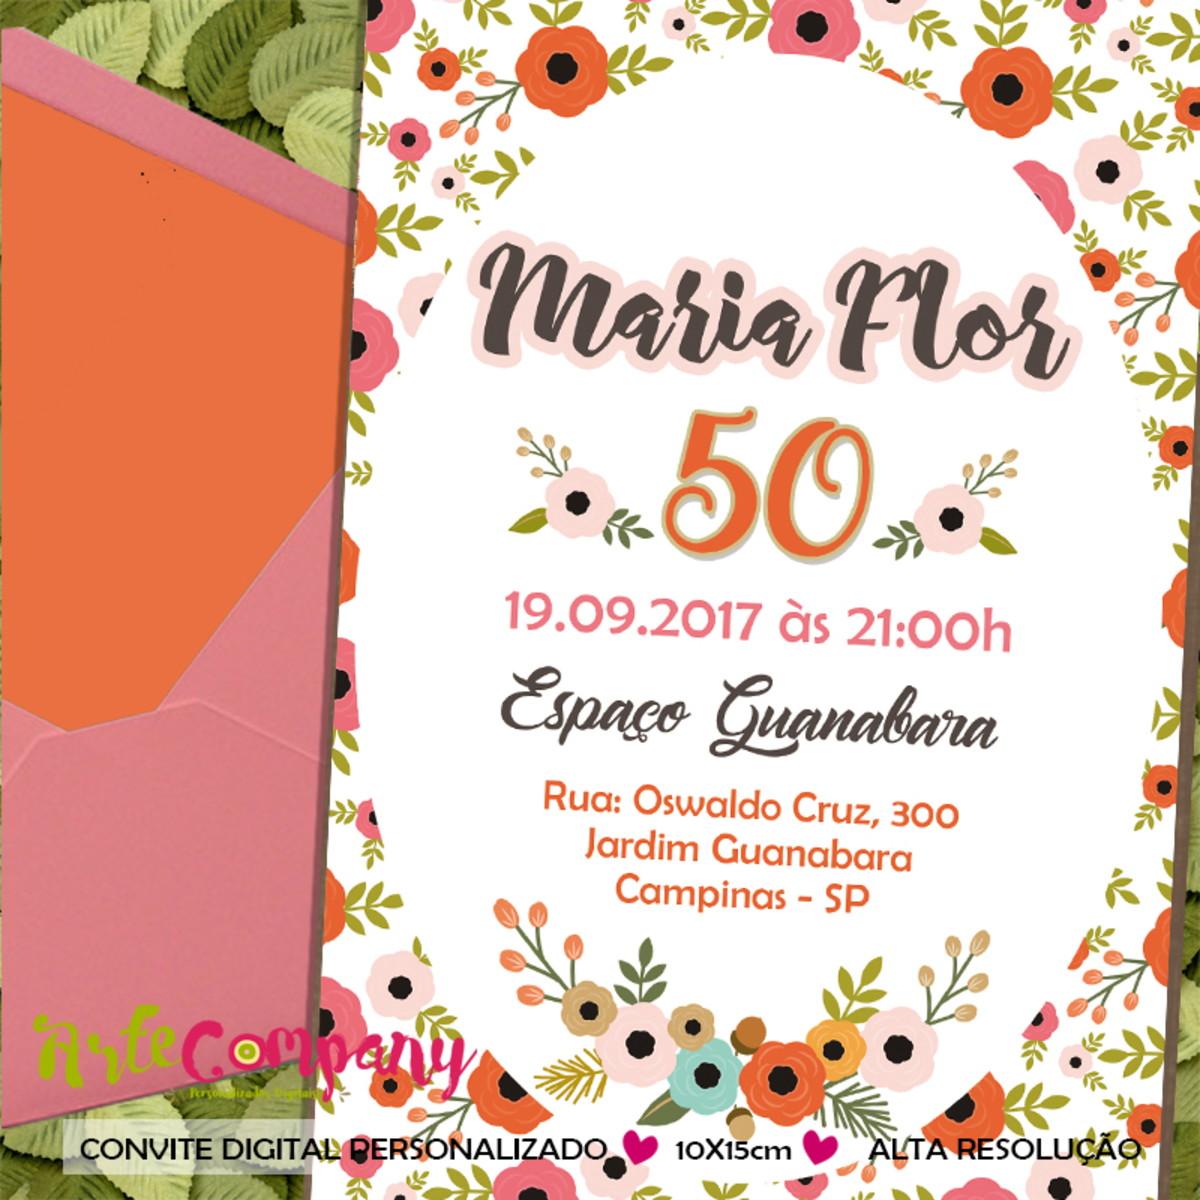 Convite Aniversario Floral 50 Anos No Elo7 Artecompany C063f9